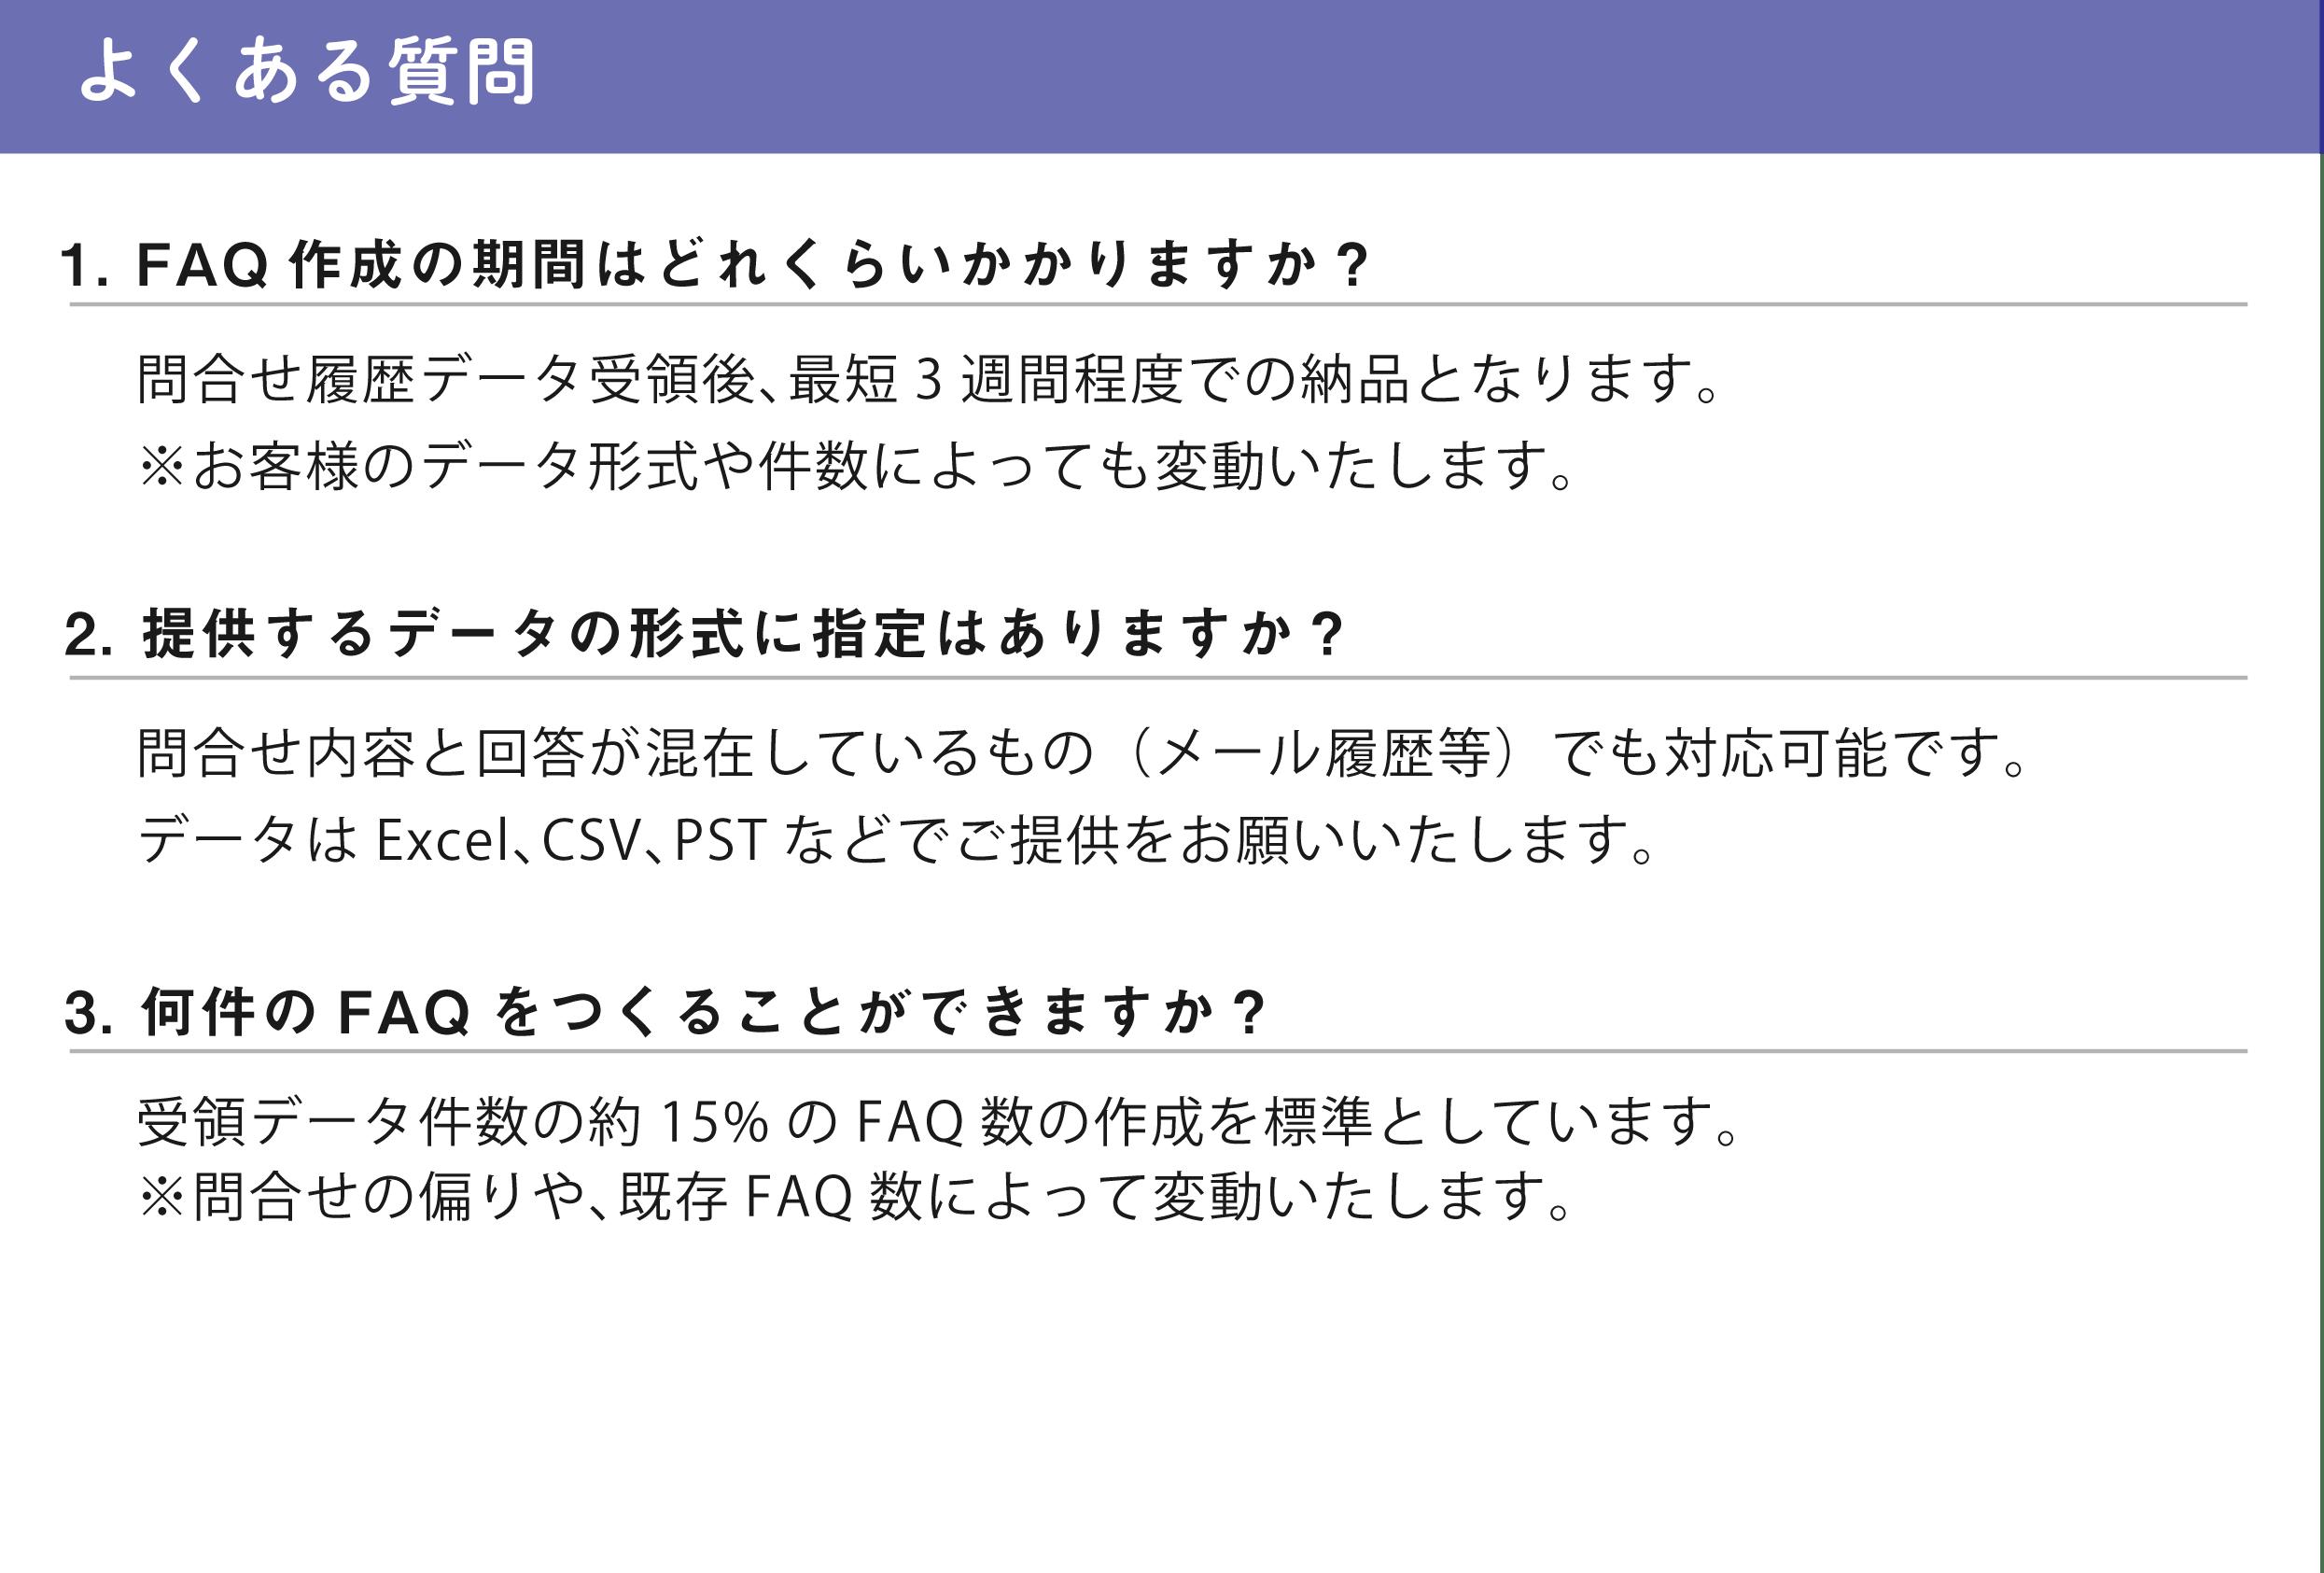 AI_FAQ讒狗ッ・05-1-1